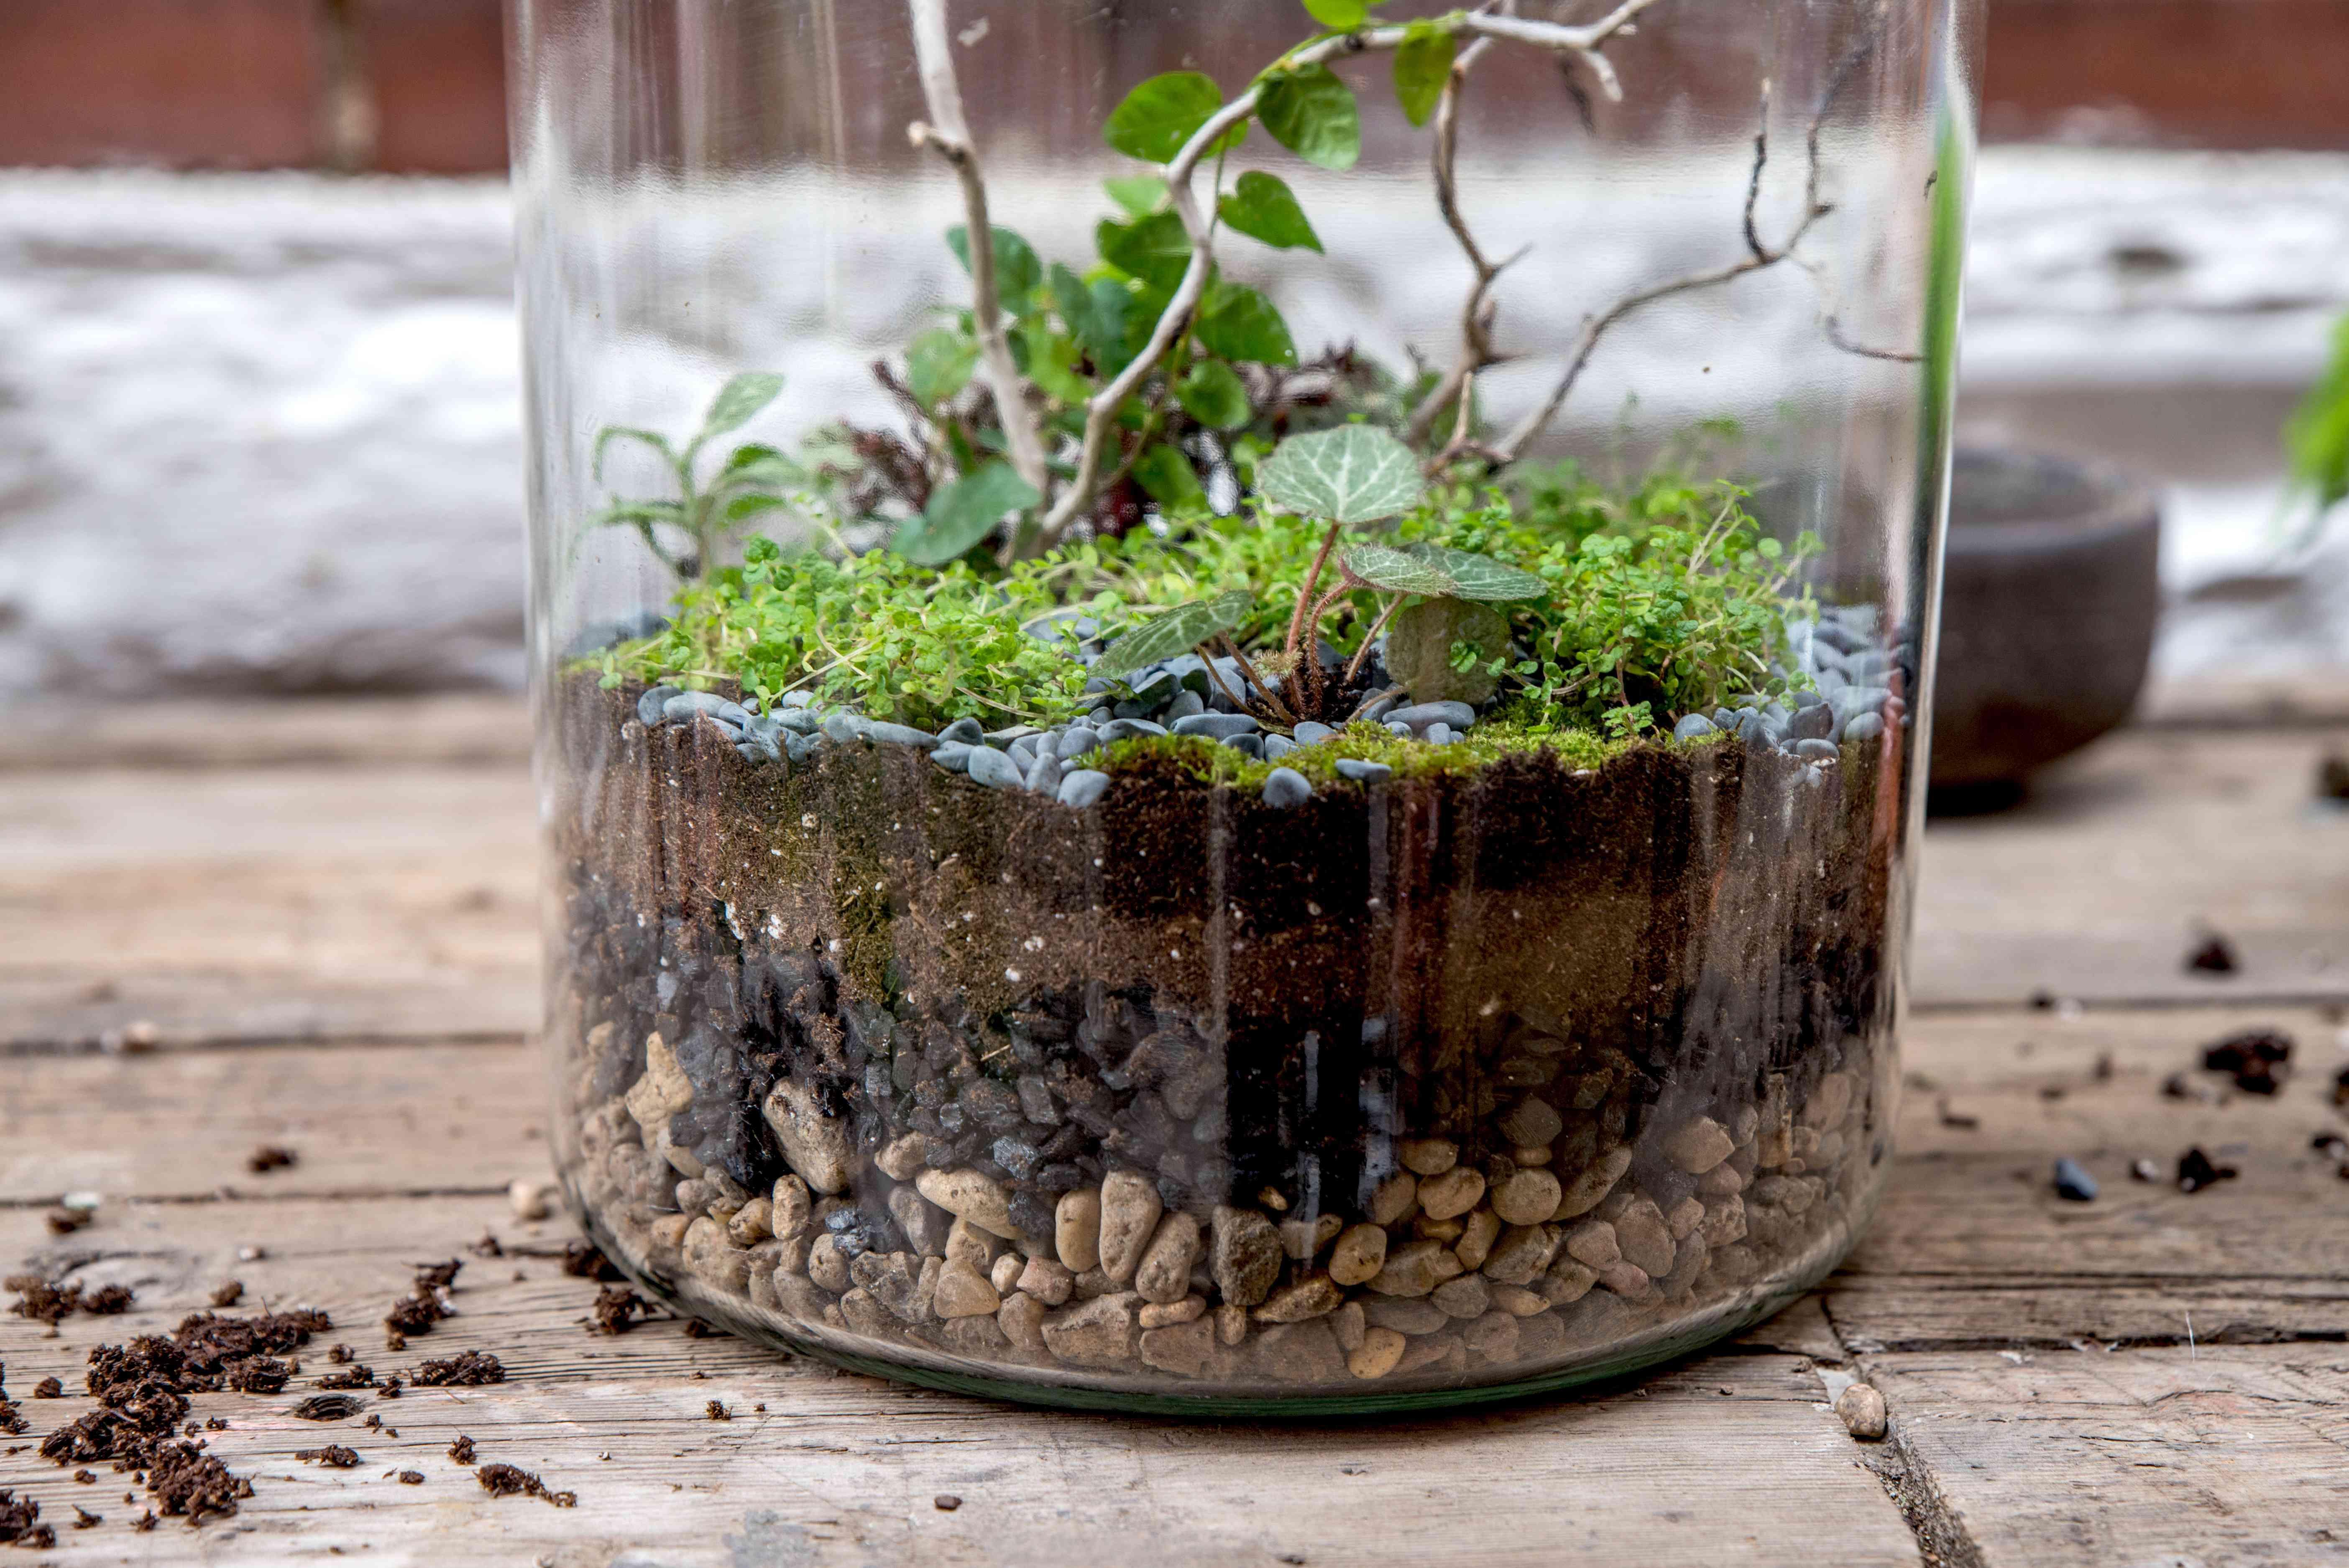 maintaining the terrarium